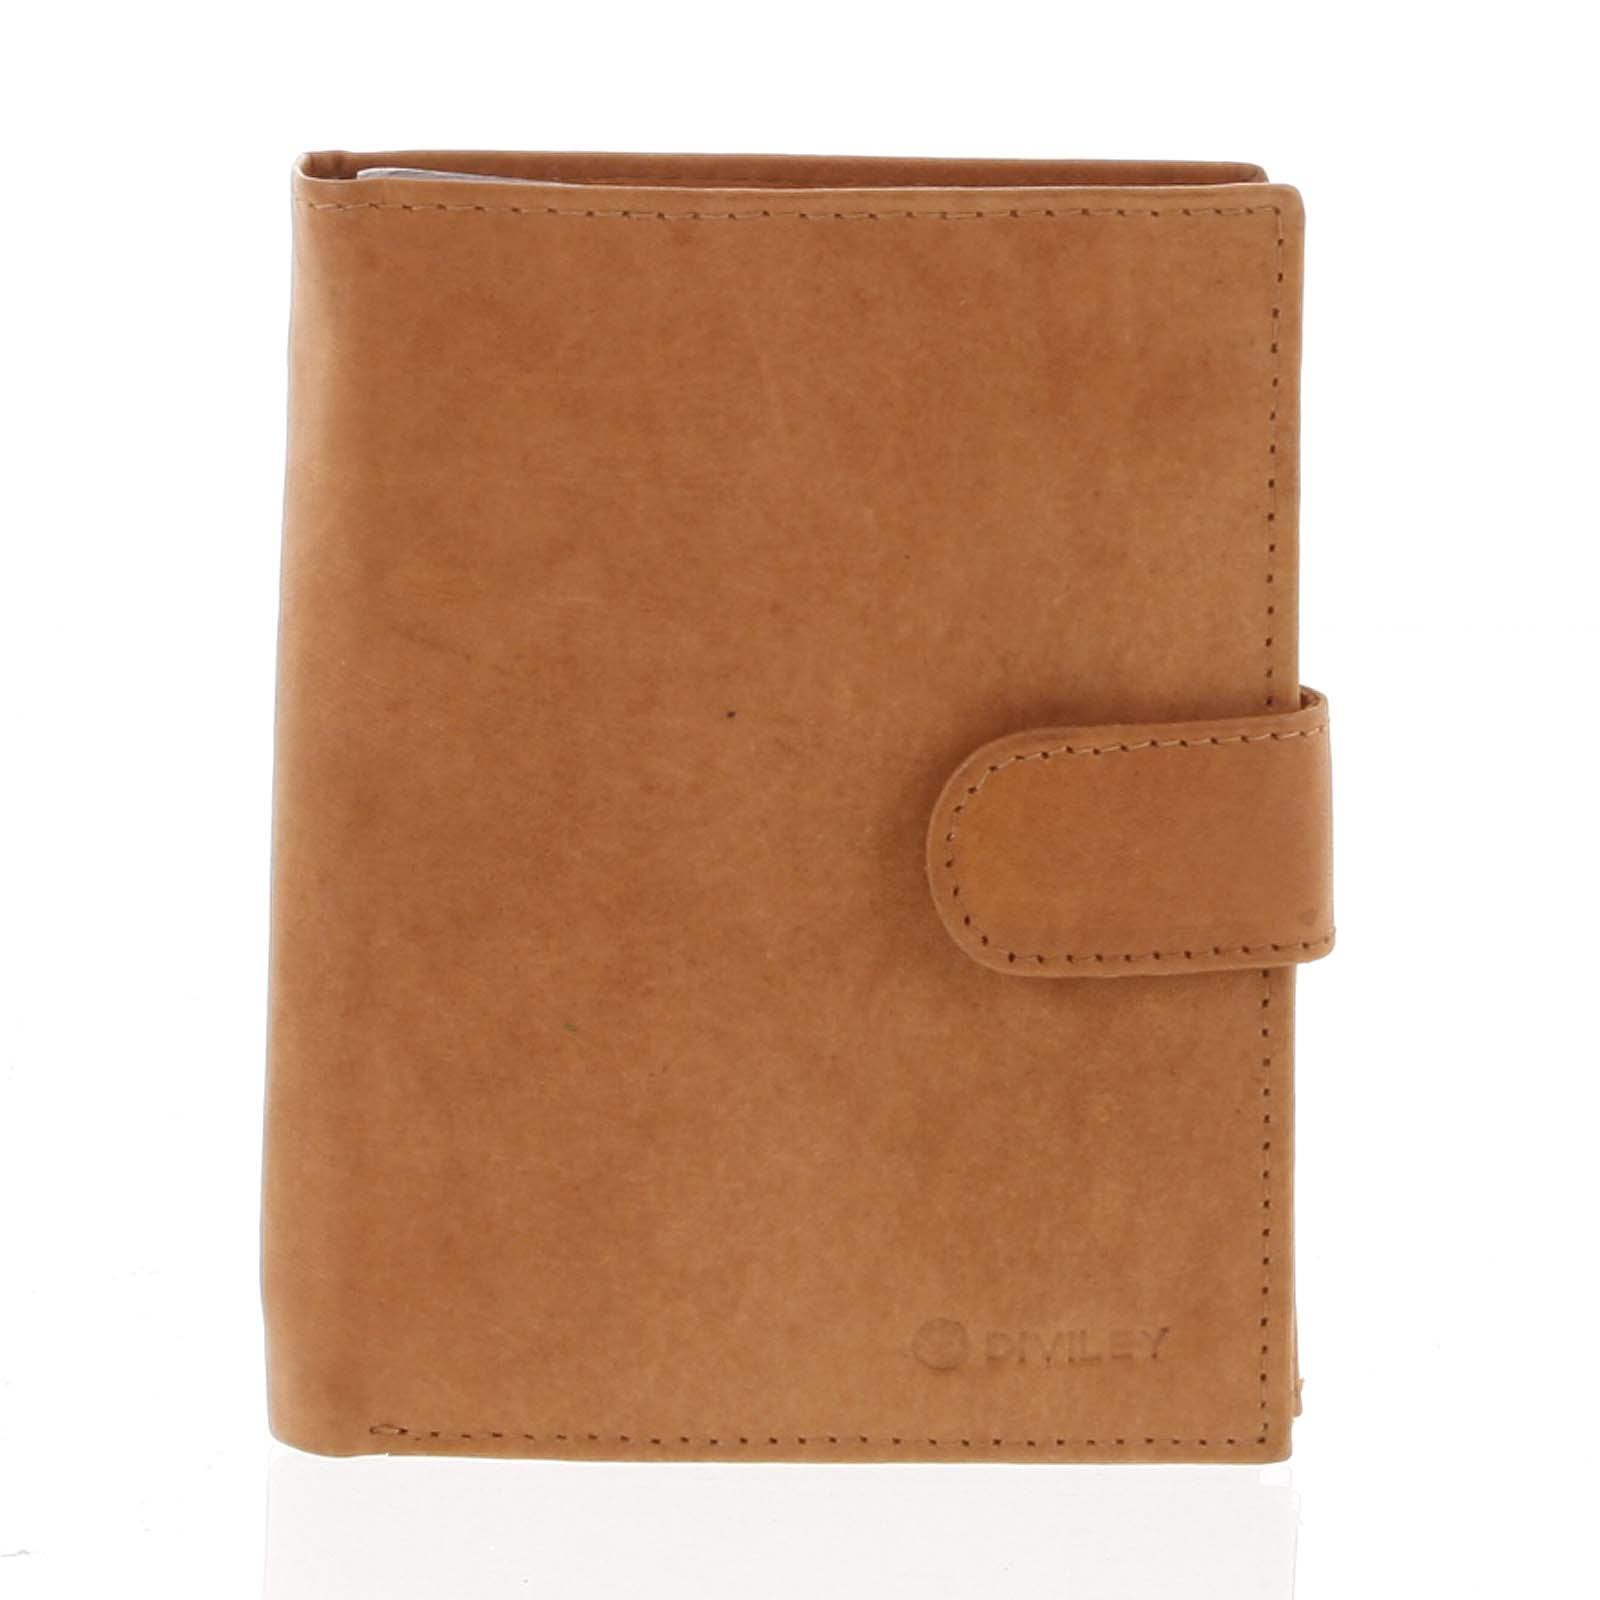 Větší pánská koňaková kožená peněženka se zápinkou - Diviley Heelal